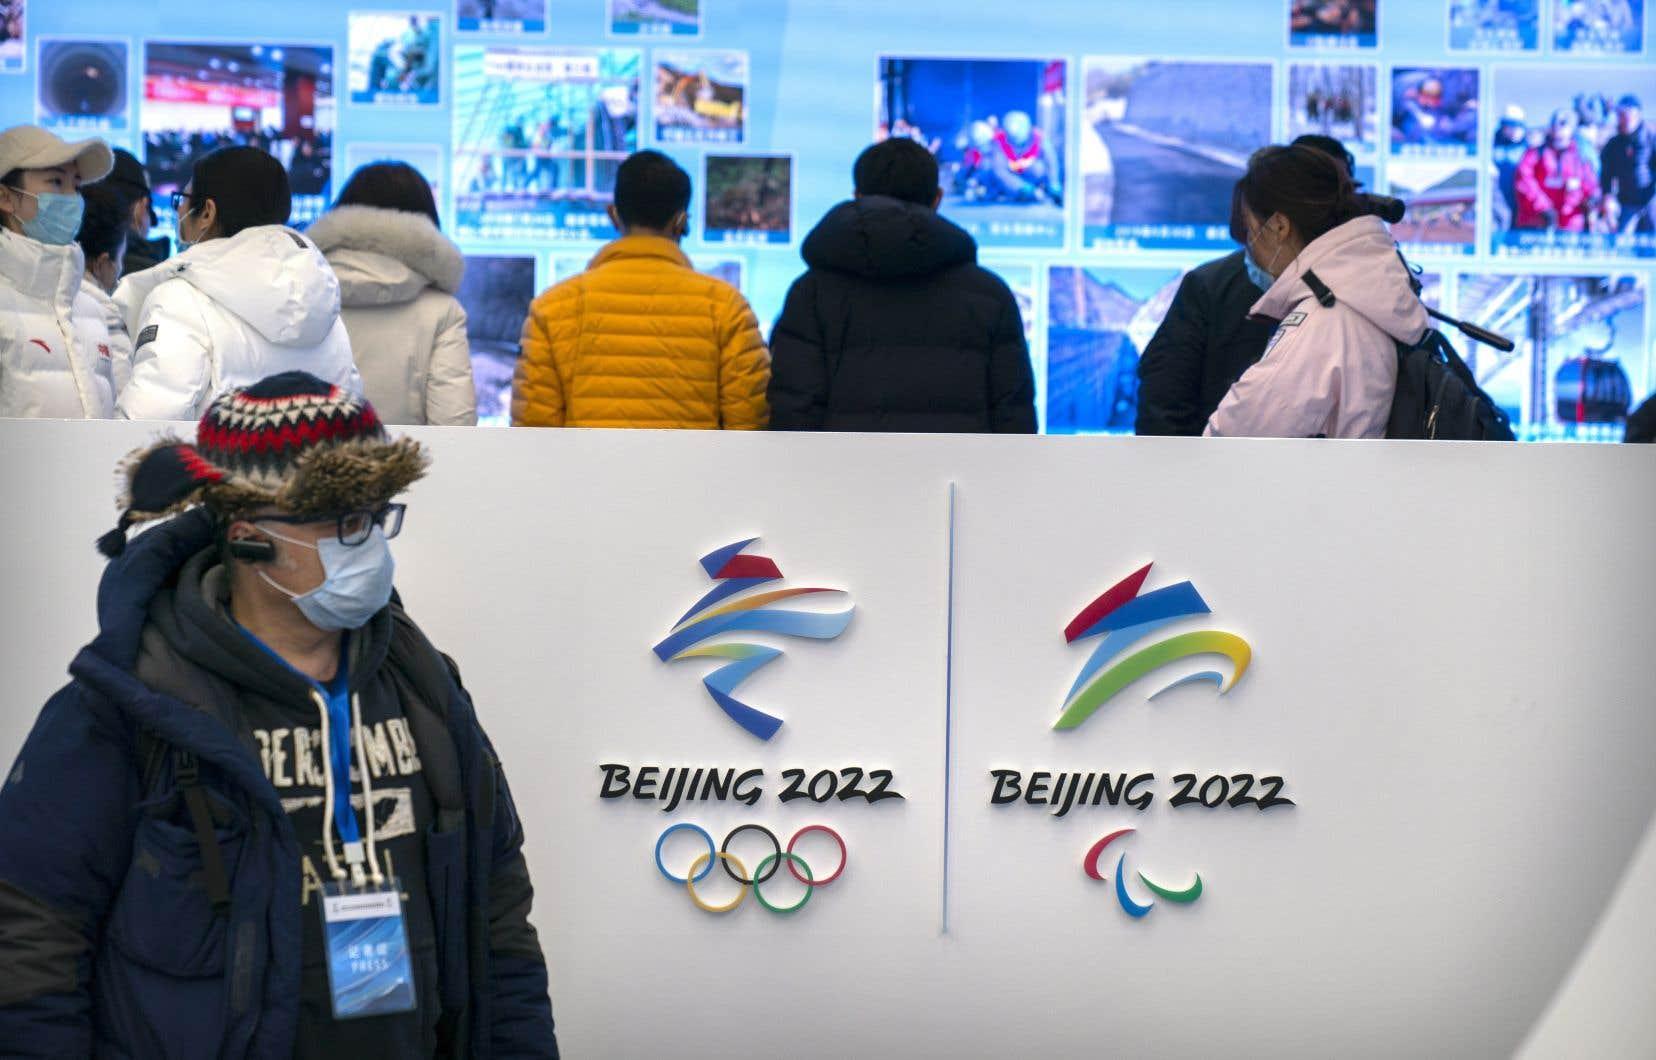 Les Jeux olympiques de Pékin glorifient, selon les signataires,un régime qui commet les pires crimes contre l'humanité envers sa propre population».